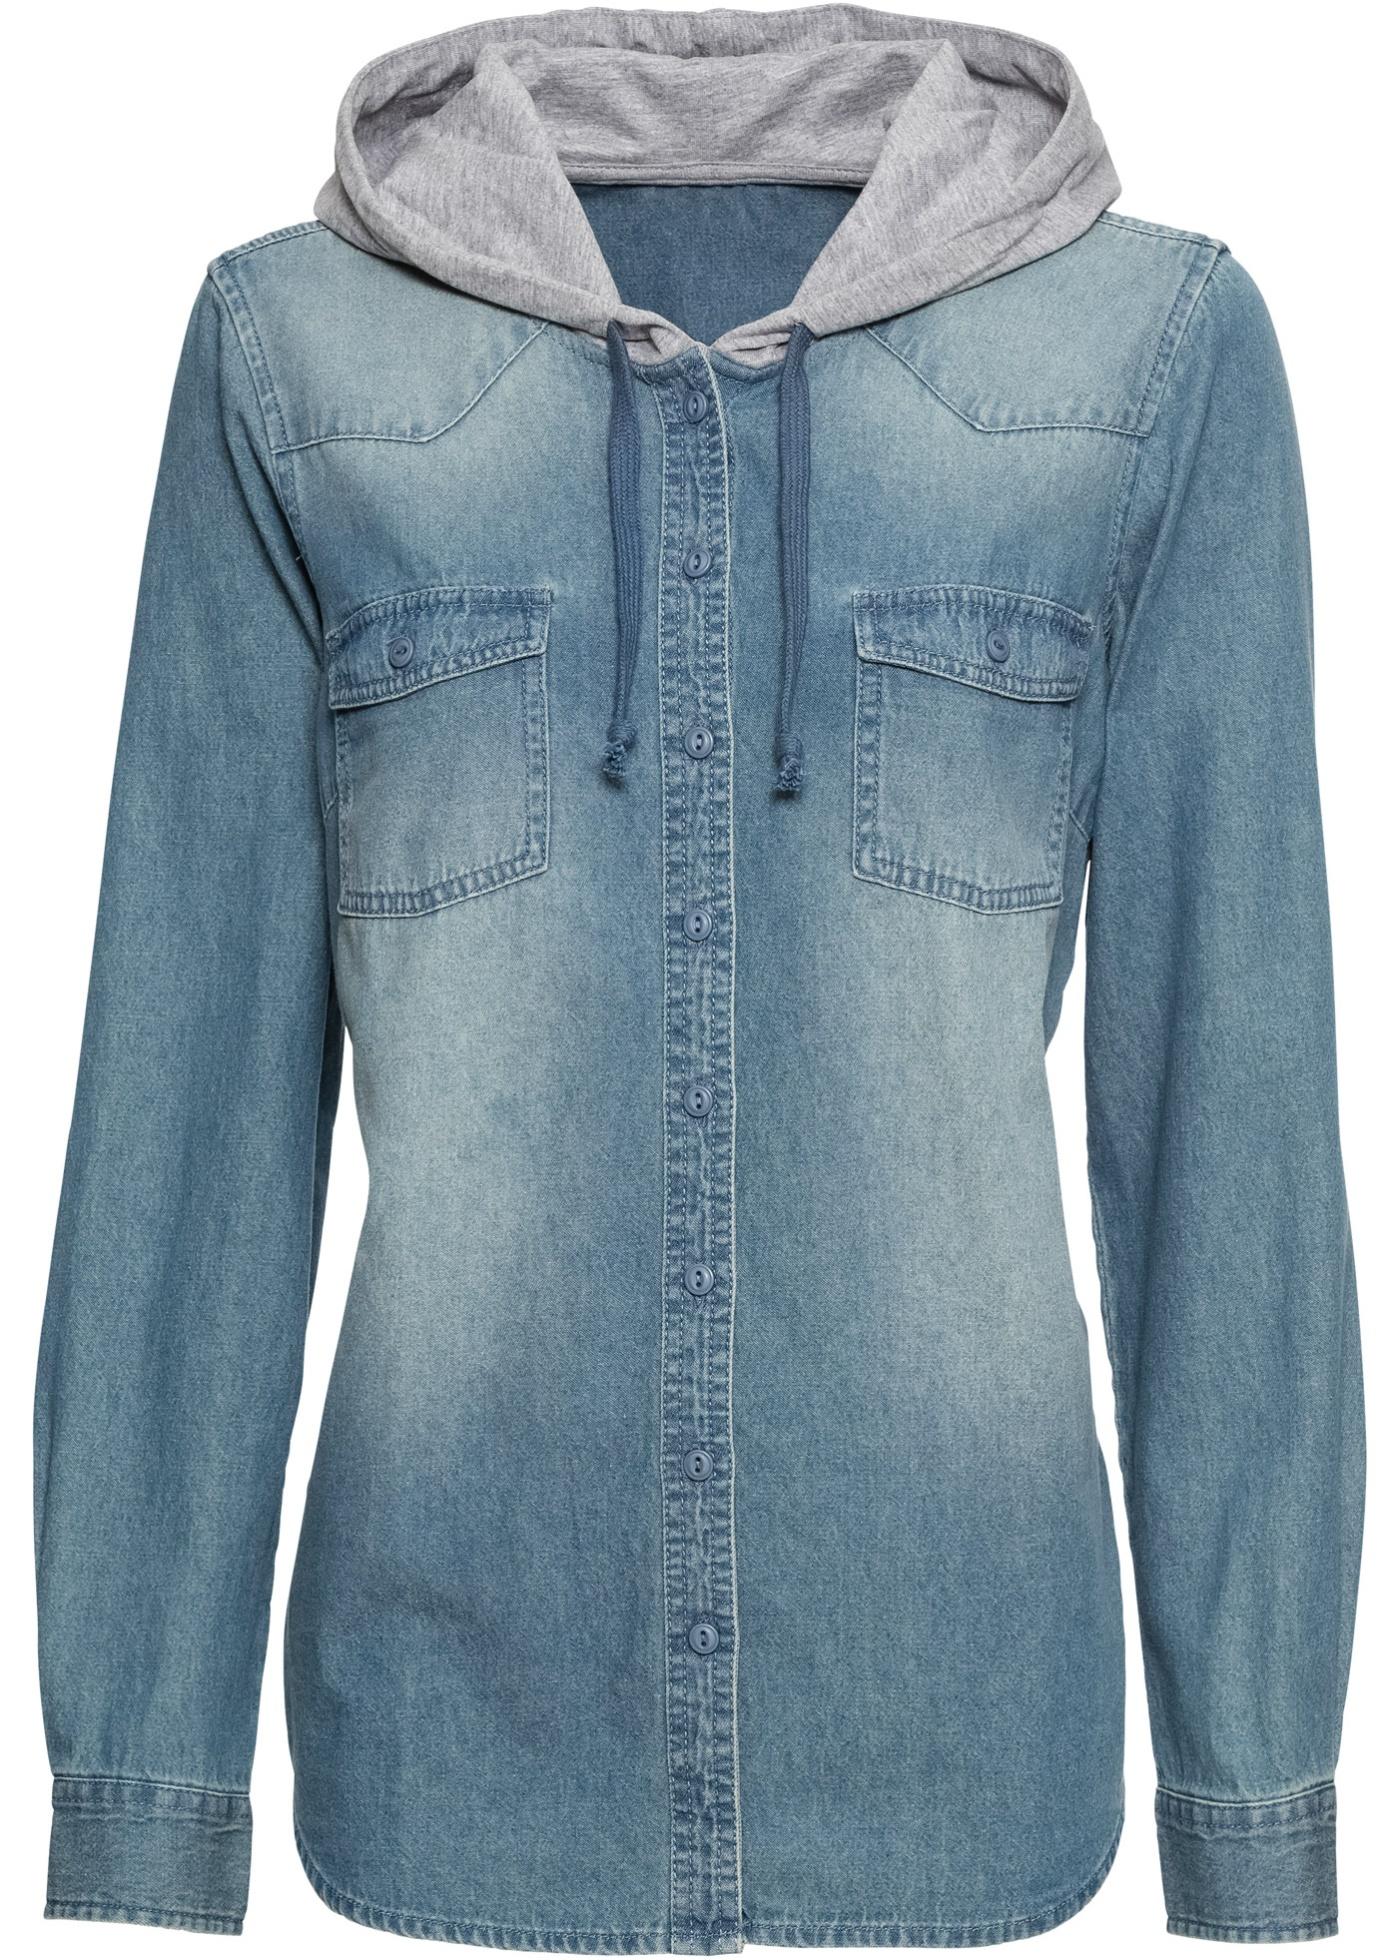 Džínová košile s kapucí - Modrá